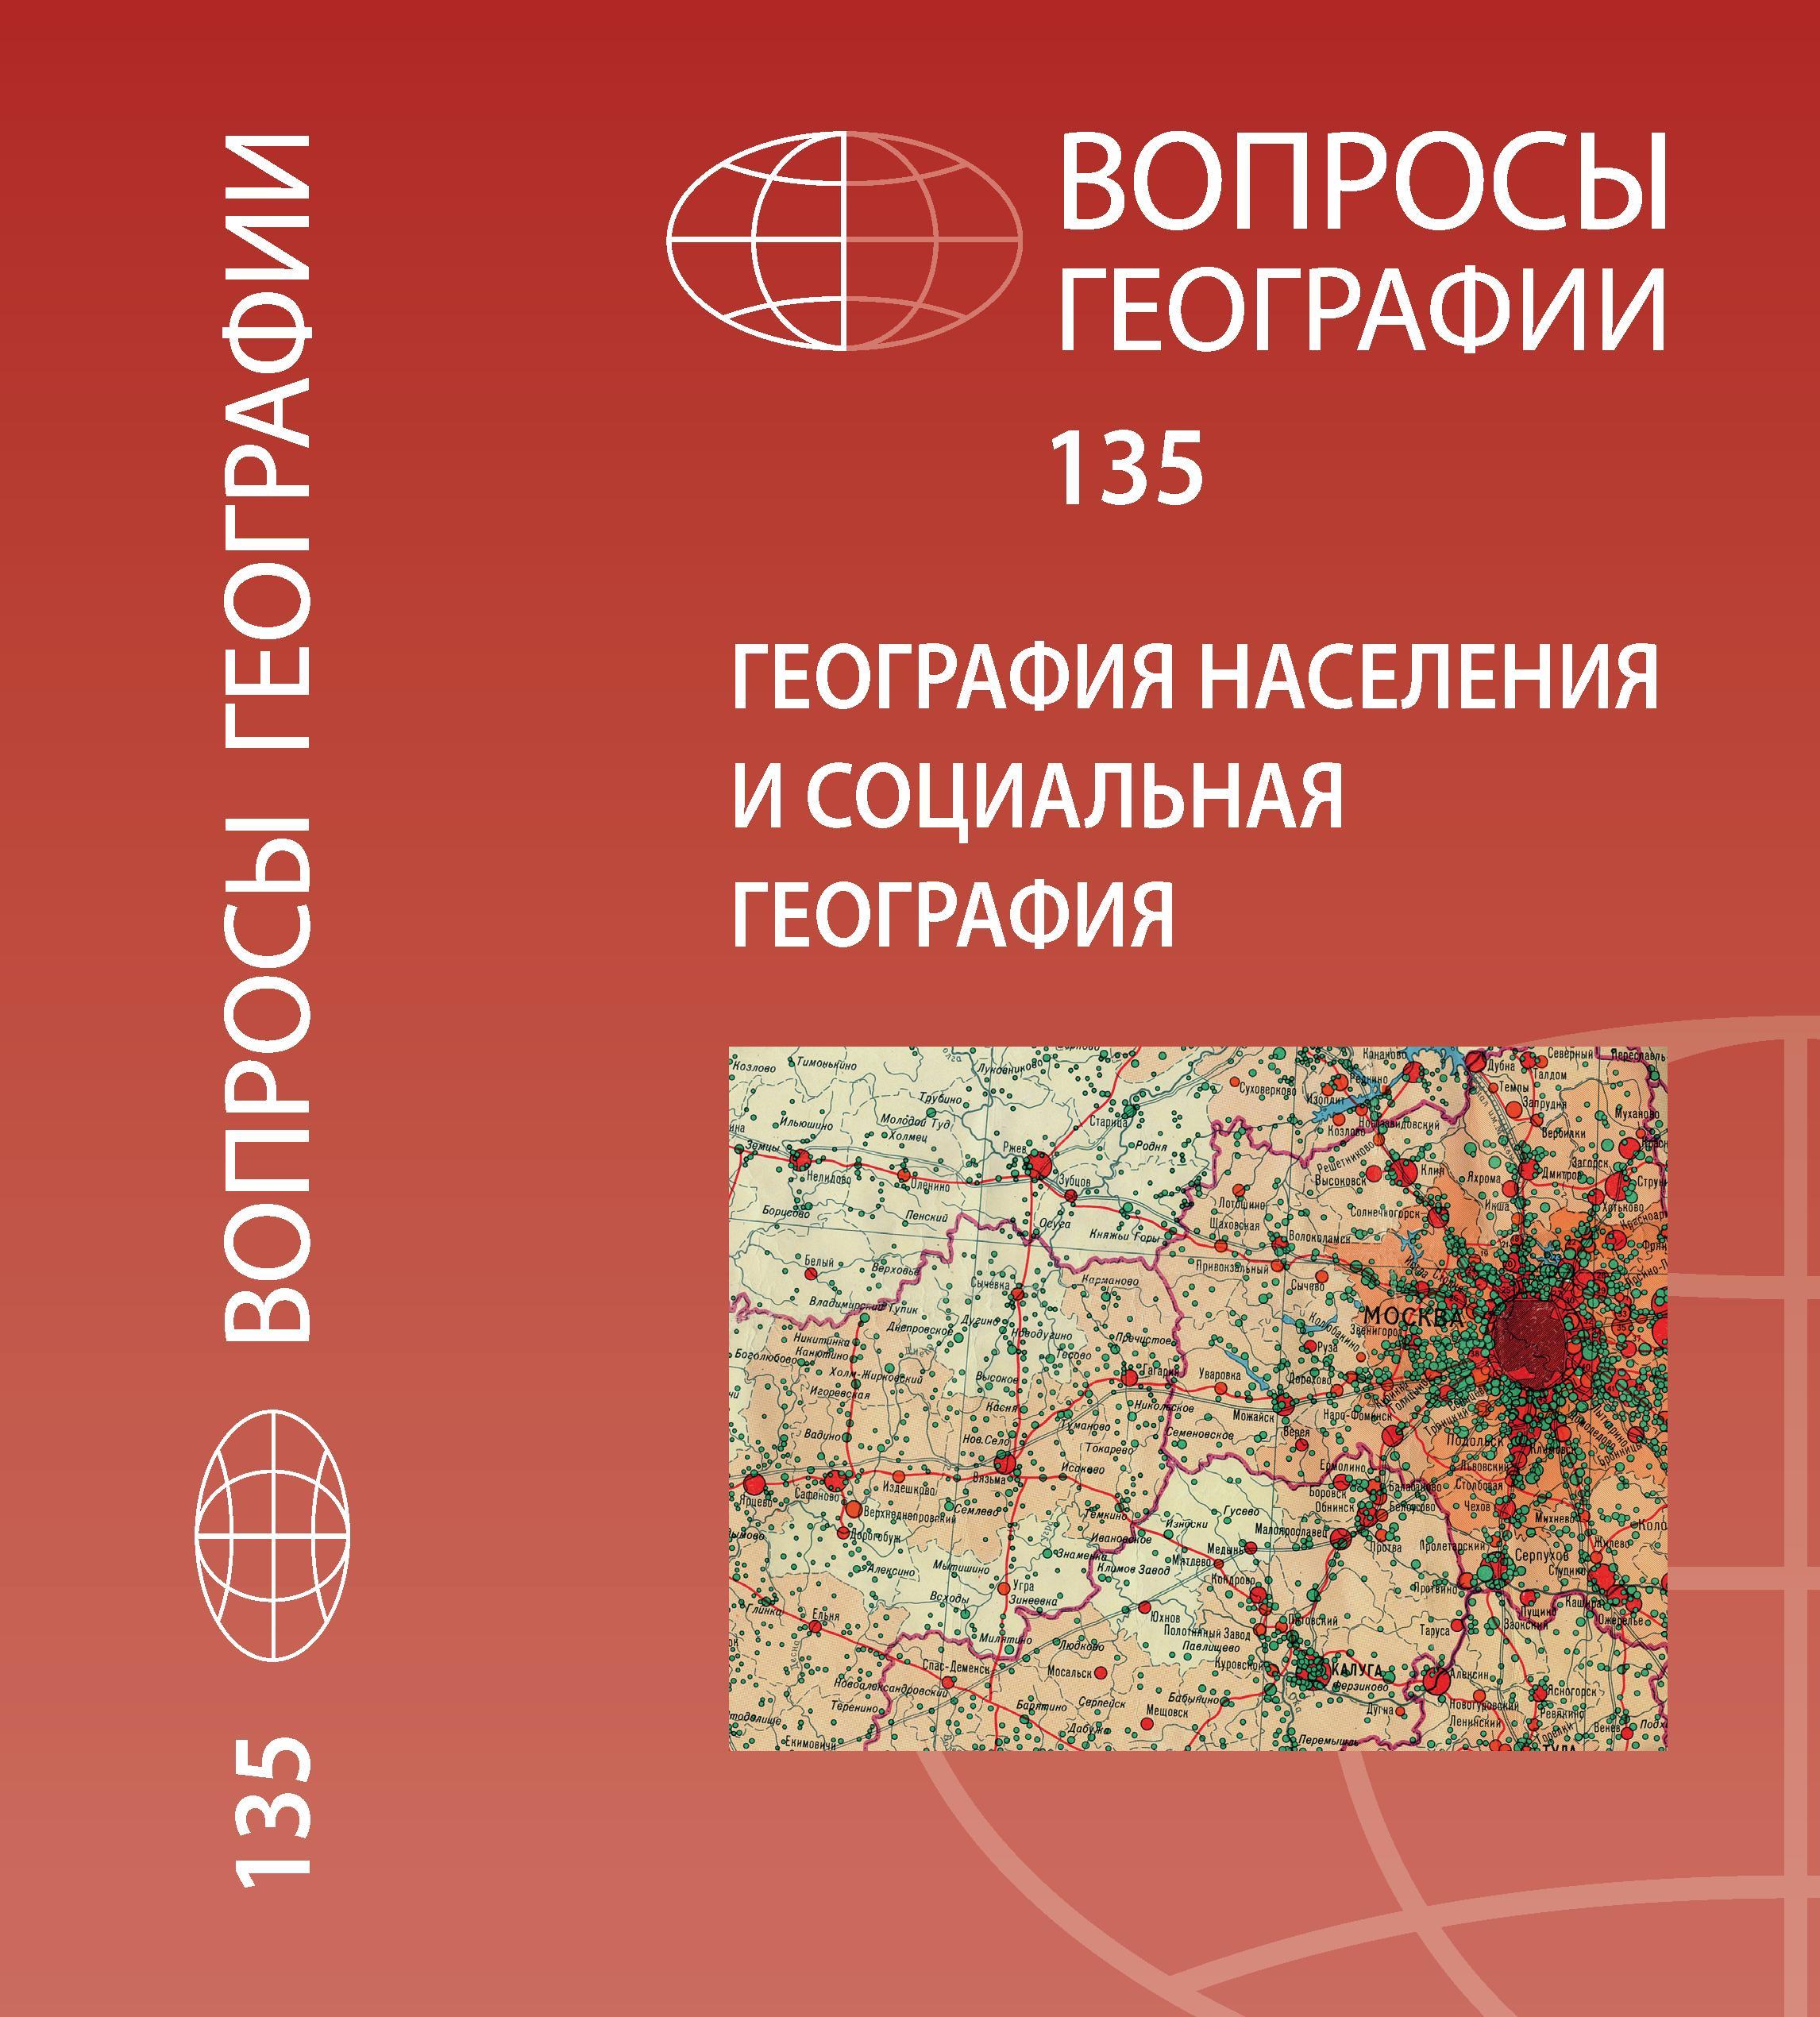 Изменение численности населения административных районов и городов России (1989-2010 гг.): центро-периферийные отношения